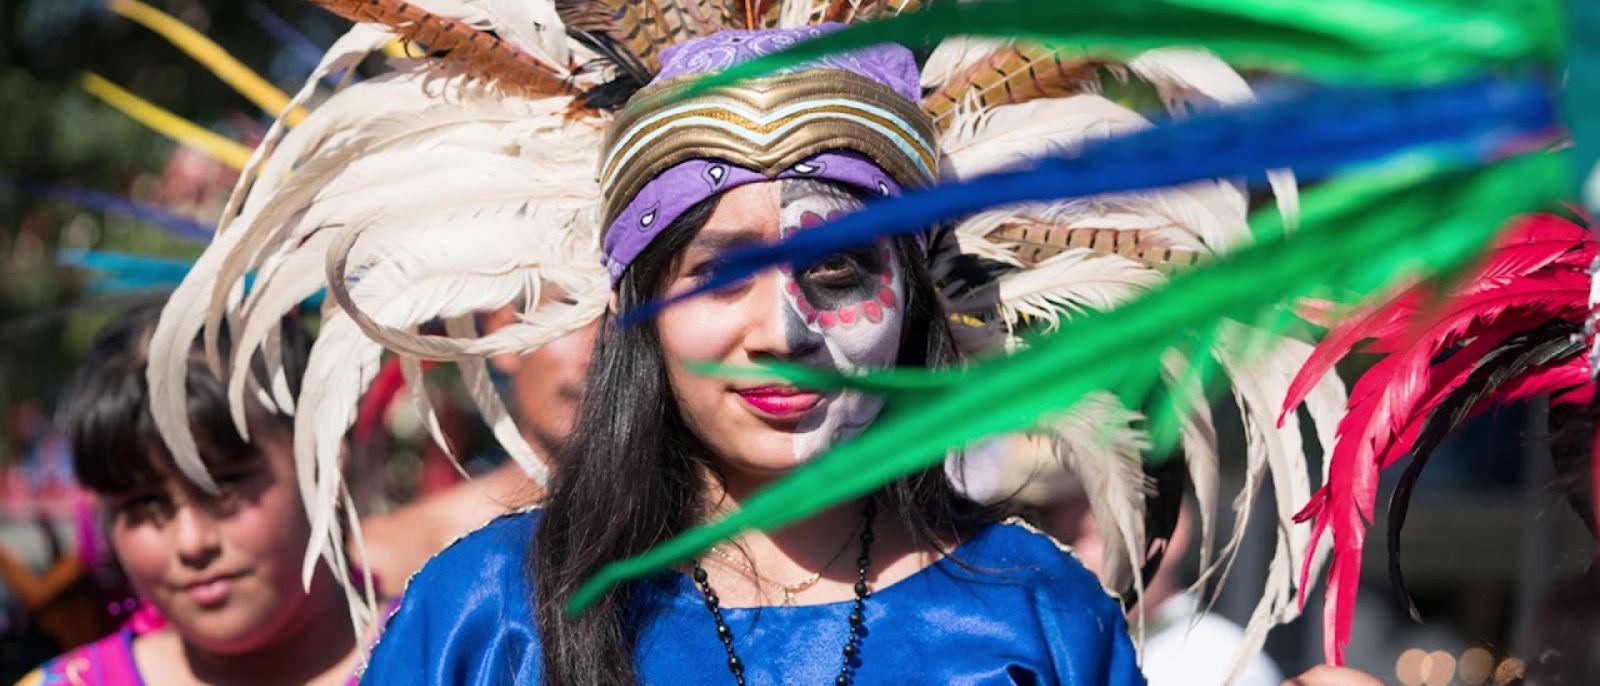 Día de los Muertos Festival at Main Street Canoga Park